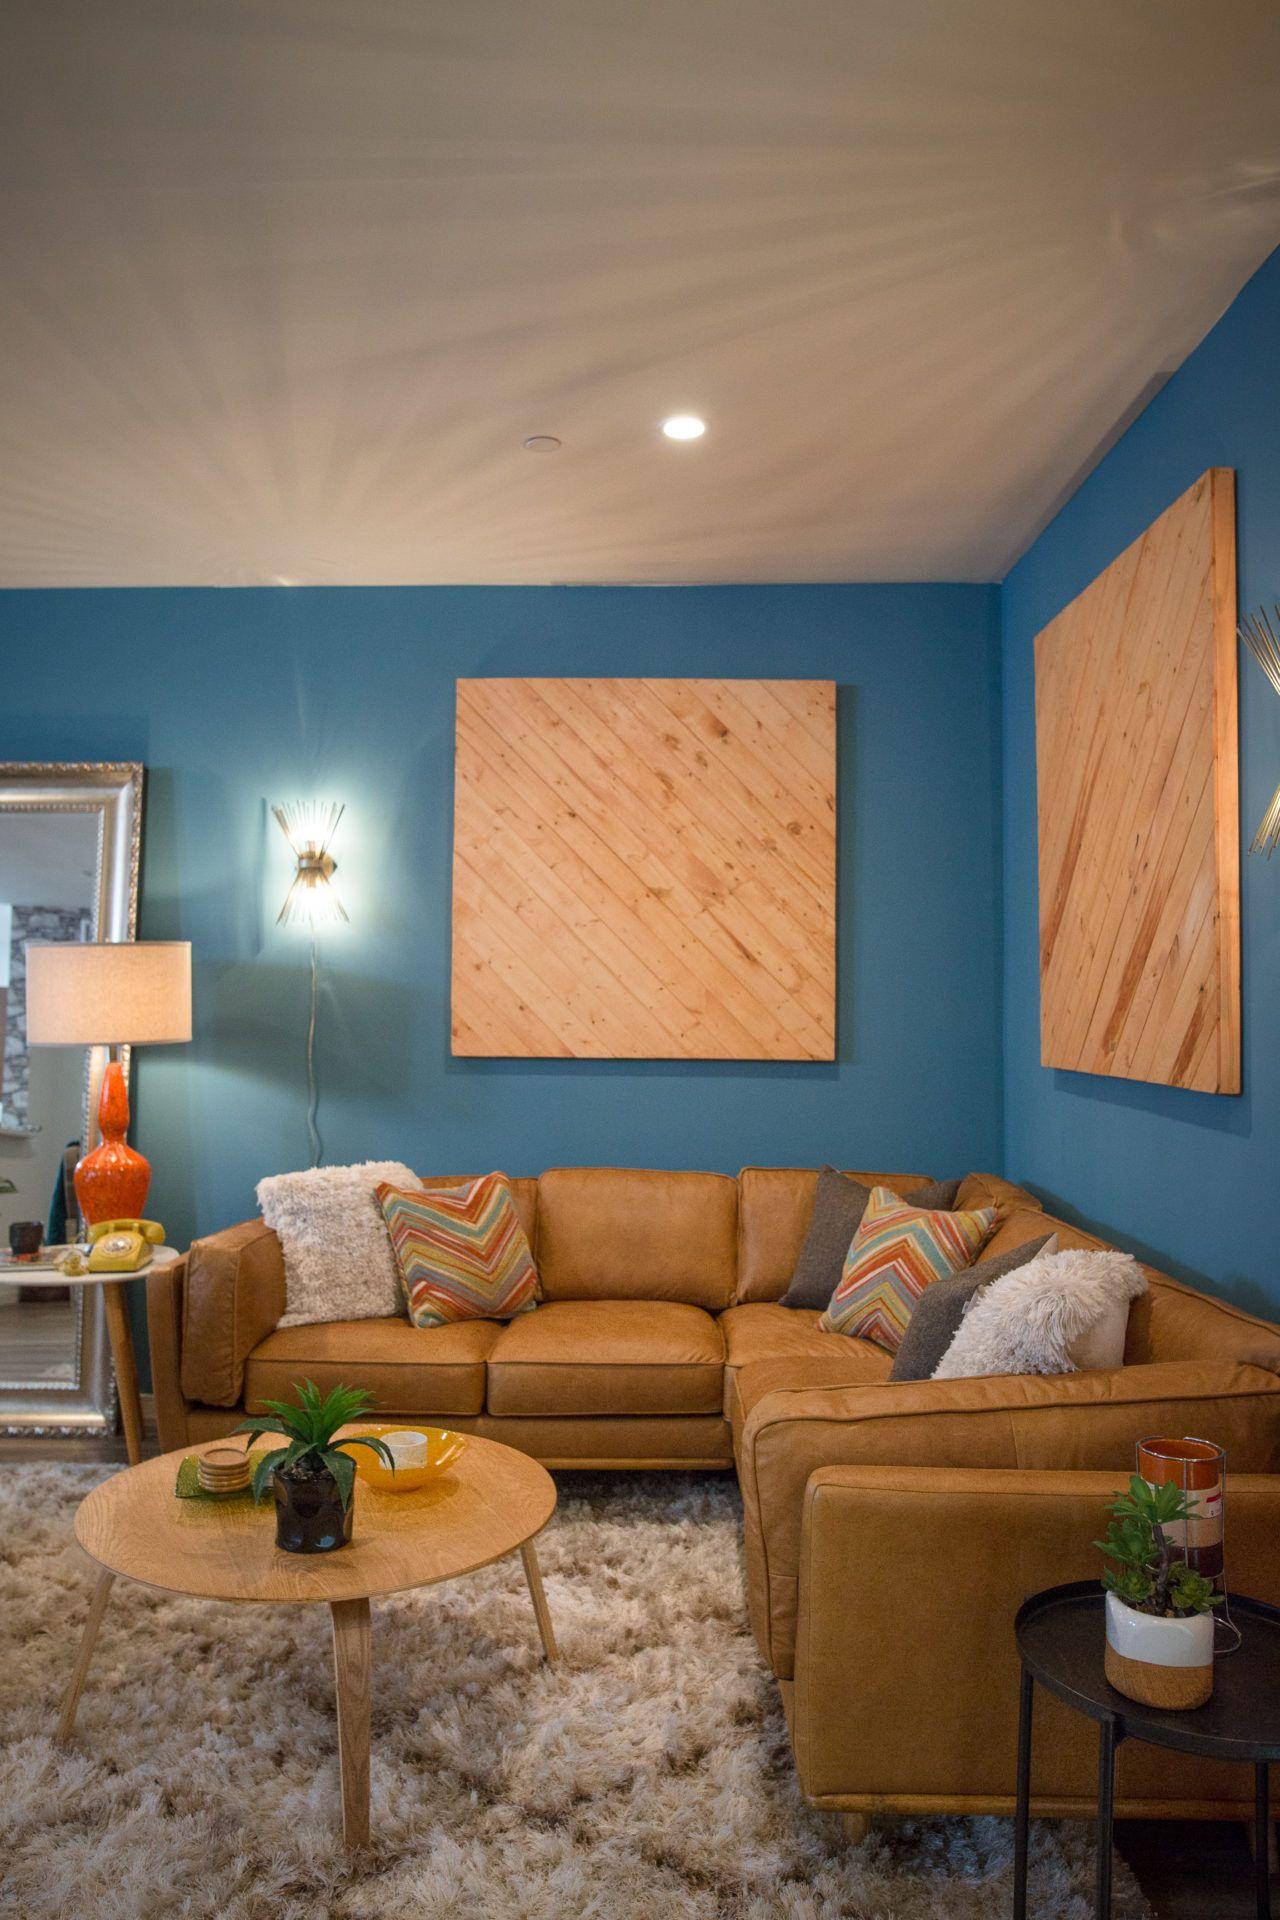 Niki Demar S 70s Inspired Apartment Makeover Retro Apartment Decor Retro Home Decor Apartment Inspiration